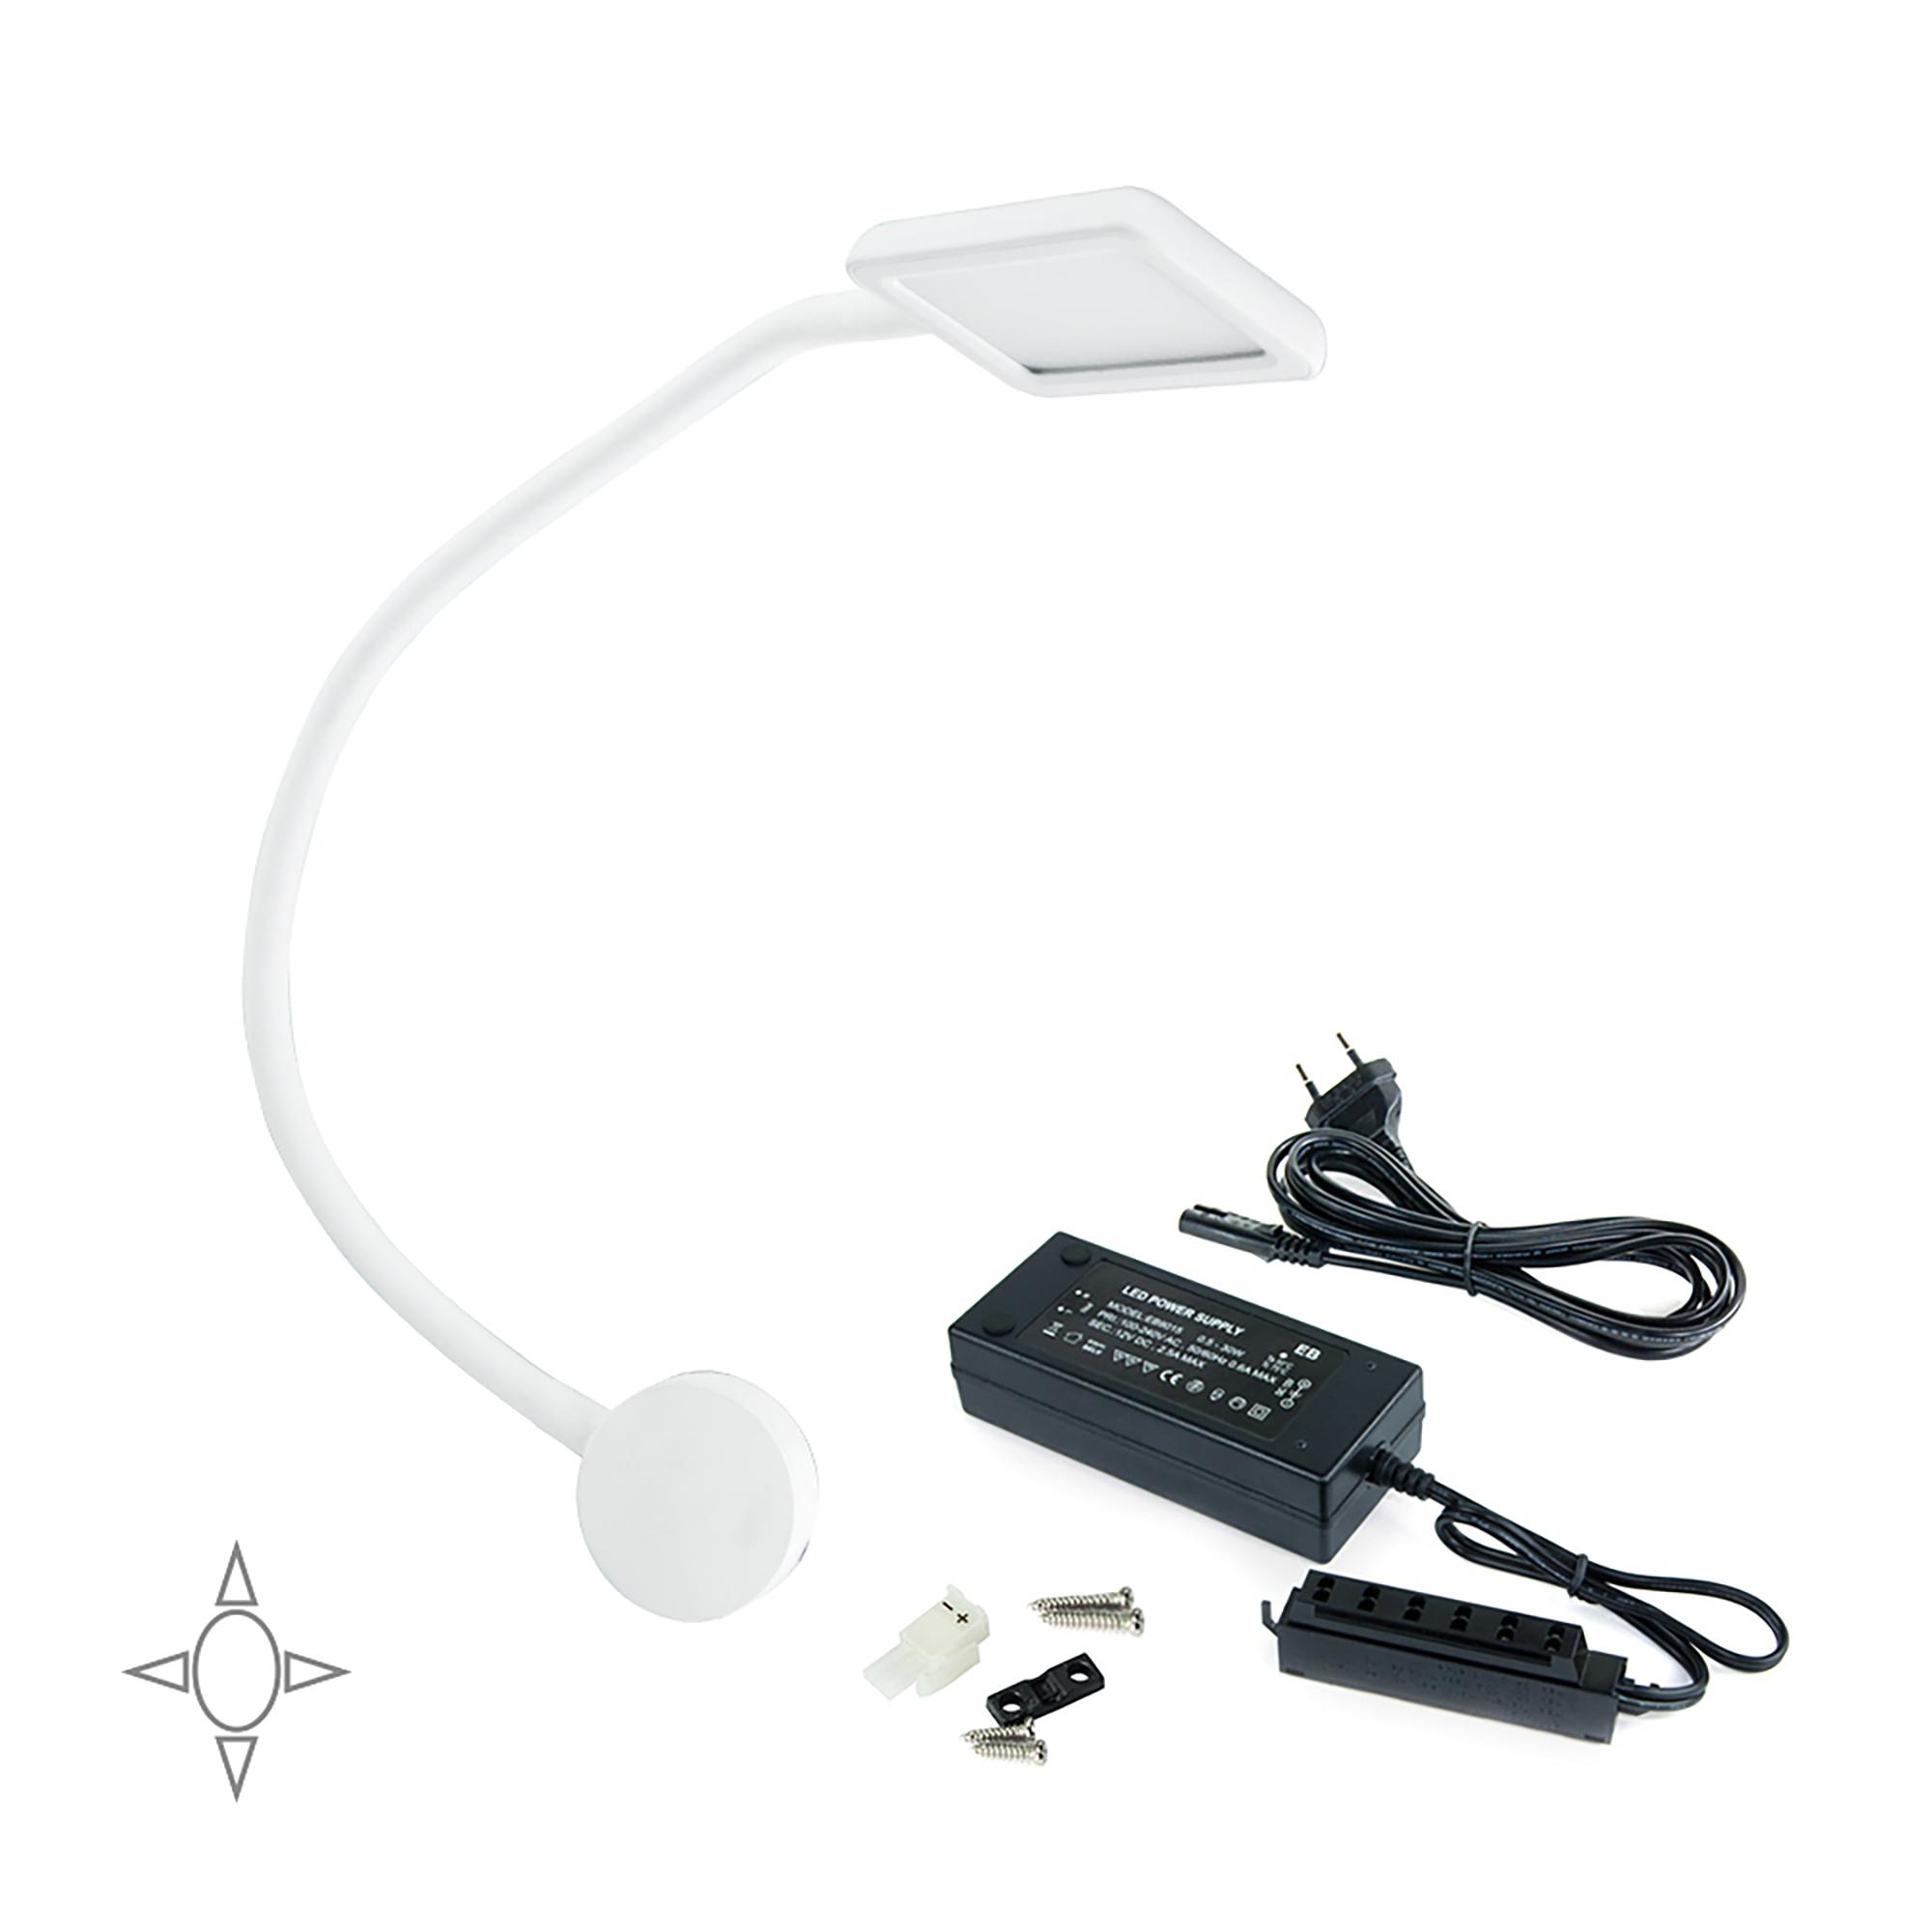 Emuca Applique LED, quadrato, braccio flessibile, sensore touch, 2 USB, Luce bianca naturale, Plastica, Bianco, + Convertitore 3